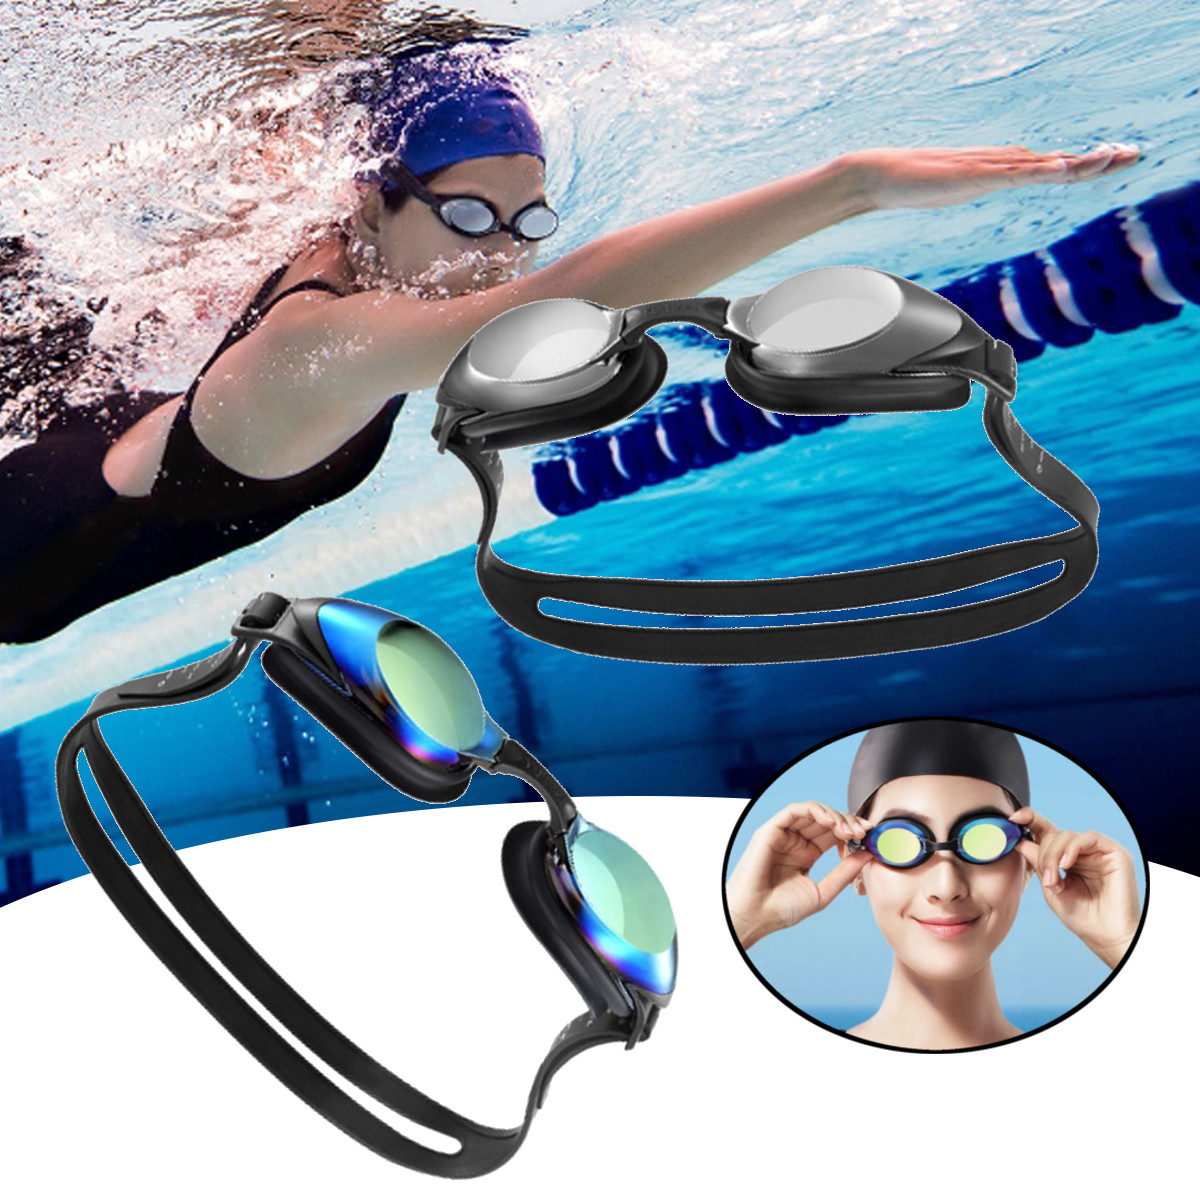 НаборочковдляплаванияYunmaiHD противошумные затычки для ушей пня Силиконовый Набор для плавания Очки от Xiaomi Youpin